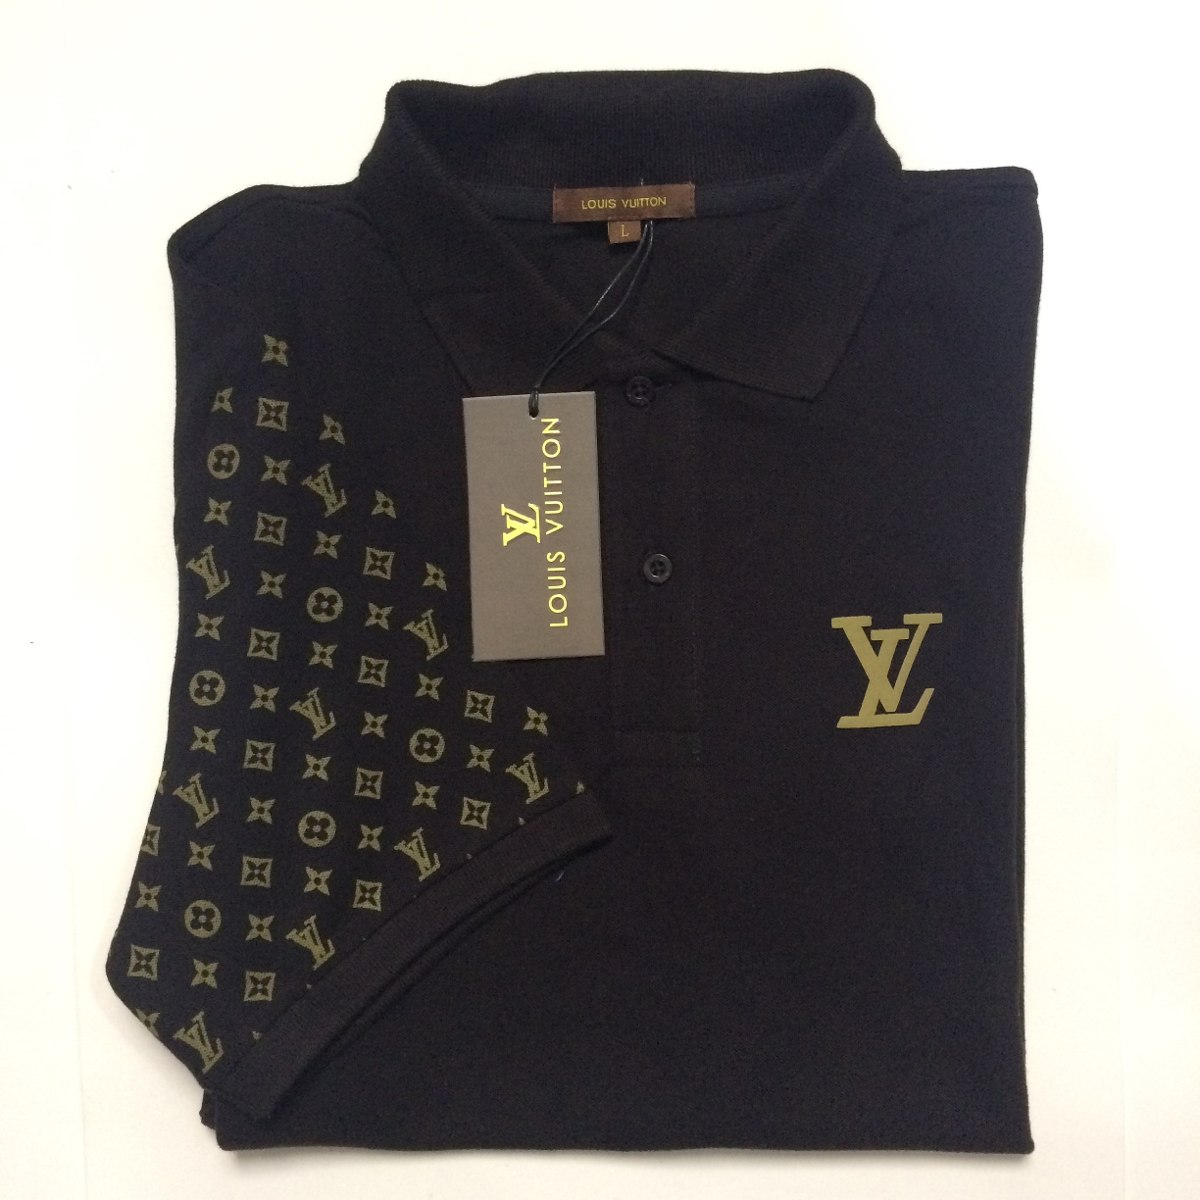 8443469fb camisa polo louis vuitton tecido personalizado puro algodão. Carregando  zoom.